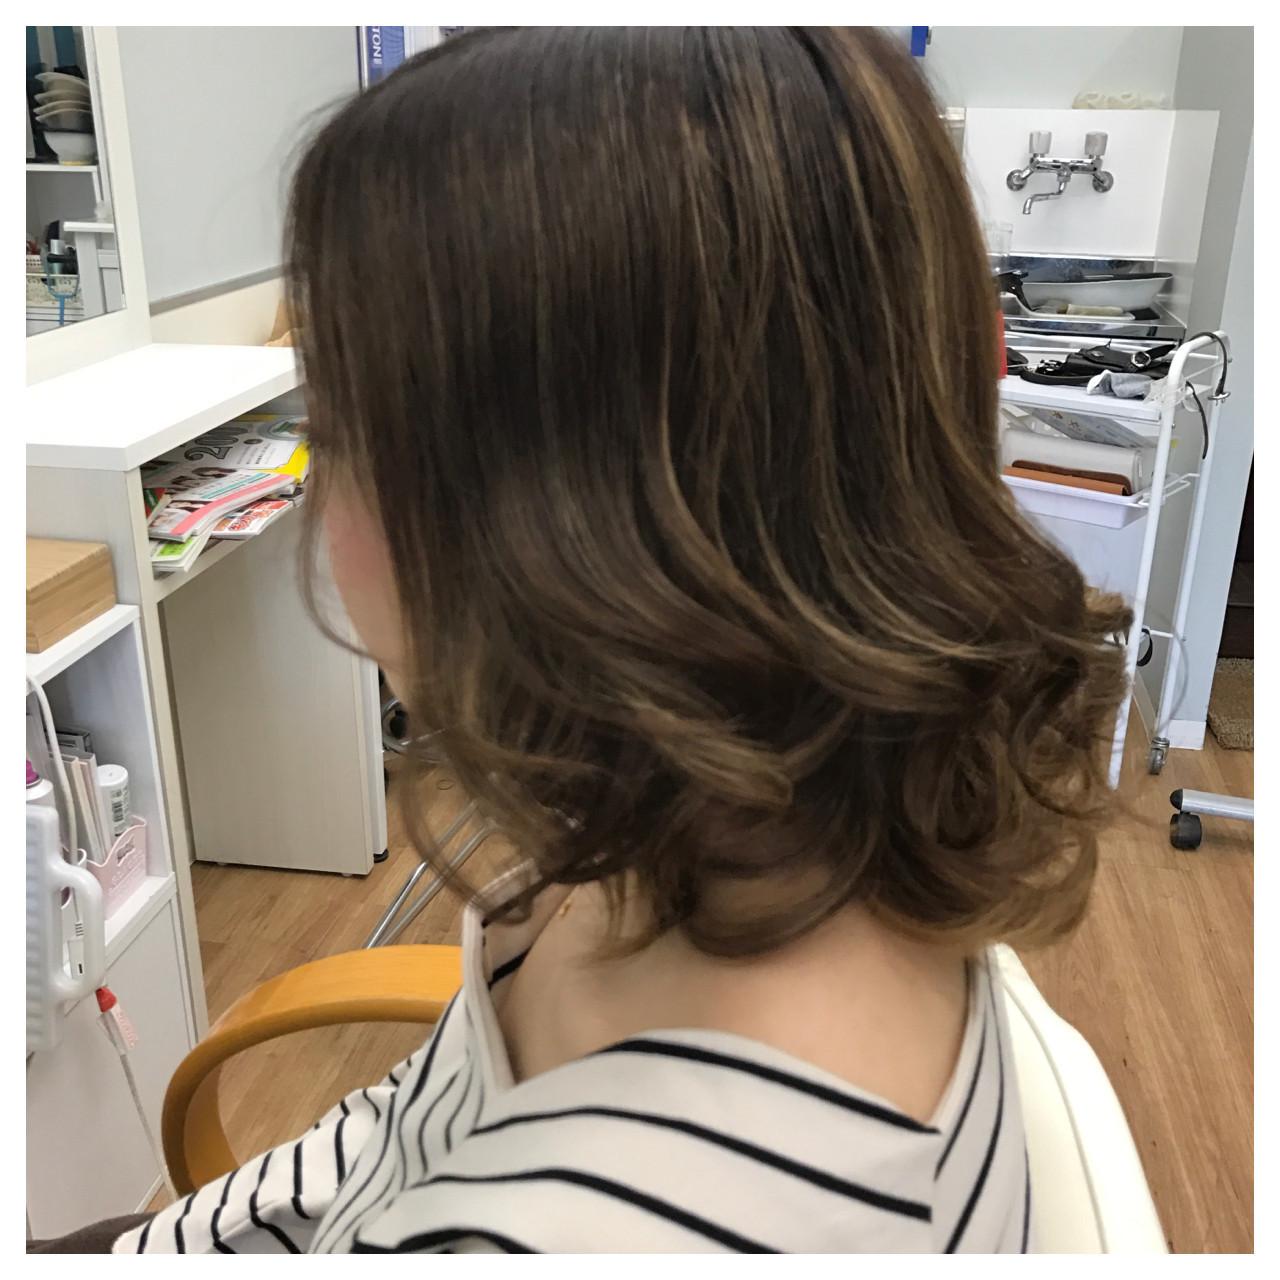 ミディアム 巻き髪 抜け感 カール ヘアスタイルや髪型の写真・画像